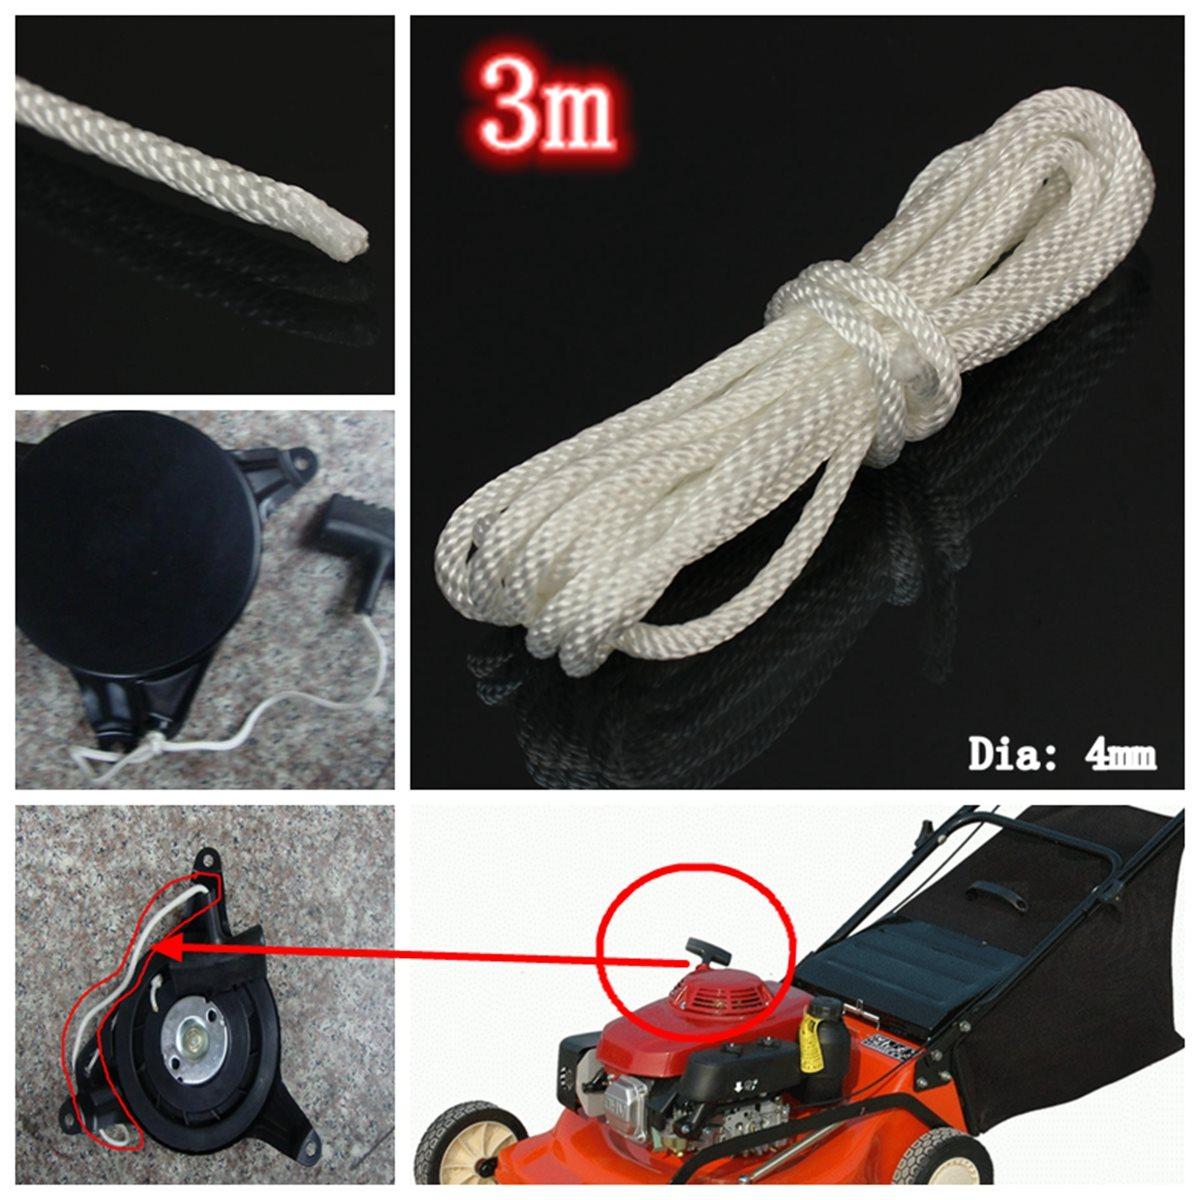 Тяжелых 4 мм x 3 м нейлон тянуть стартер начала отдачи шнур веревка для газонокосилка новый